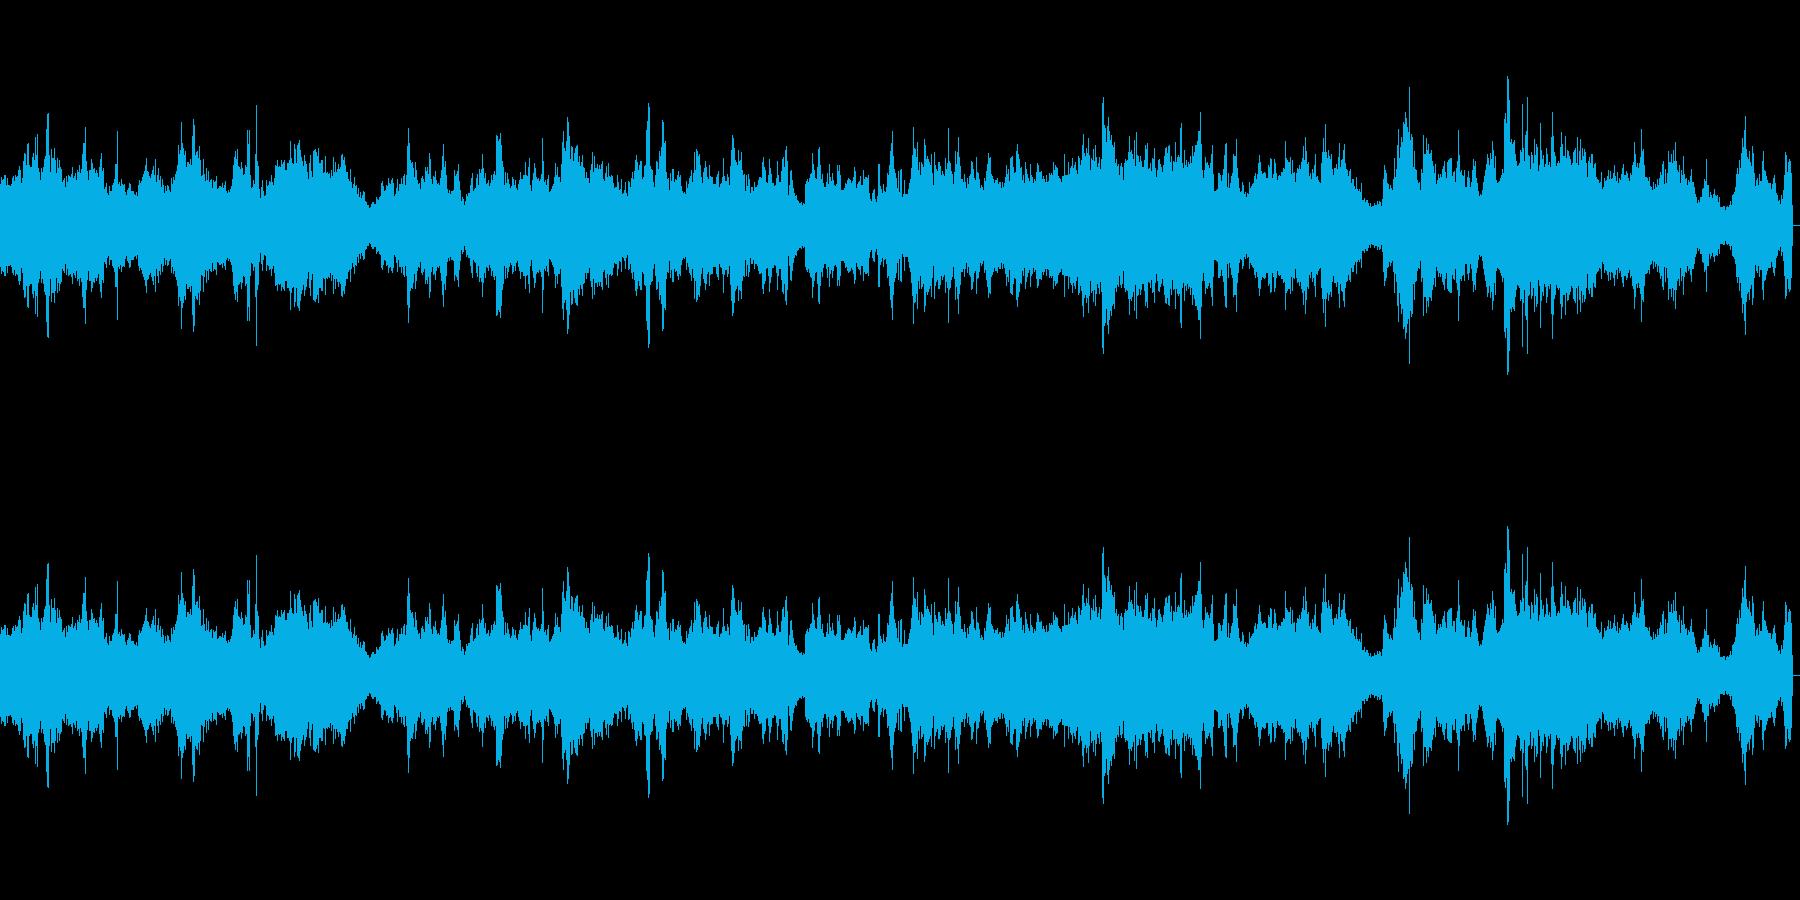 高速道路の自動車往来環境音の再生済みの波形